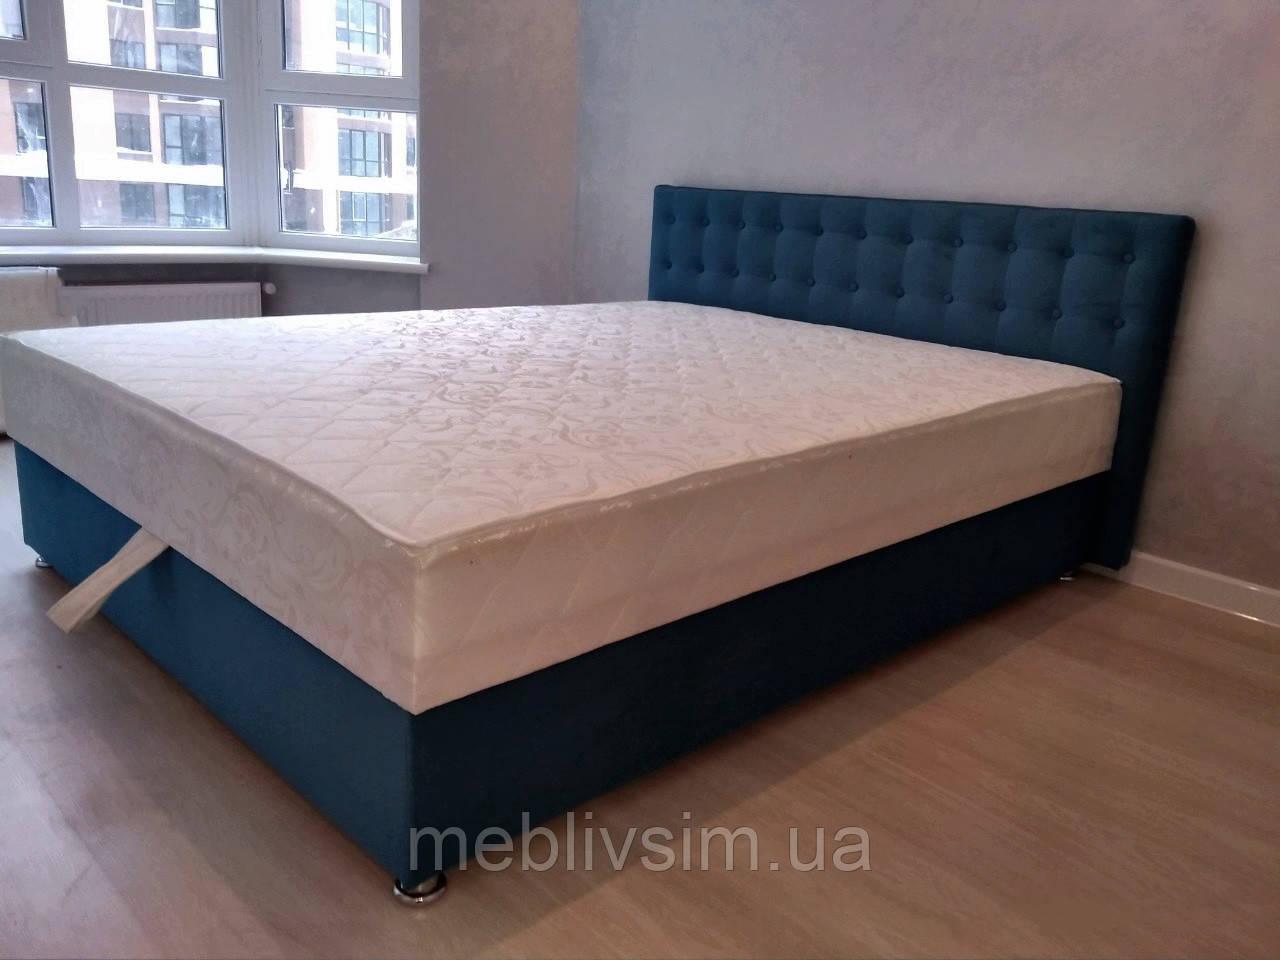 Кровать Альянс Камила 1,6 в велюровой обивке бирюзового цвета с матрасом и подъёмным механизмом с пуговицами